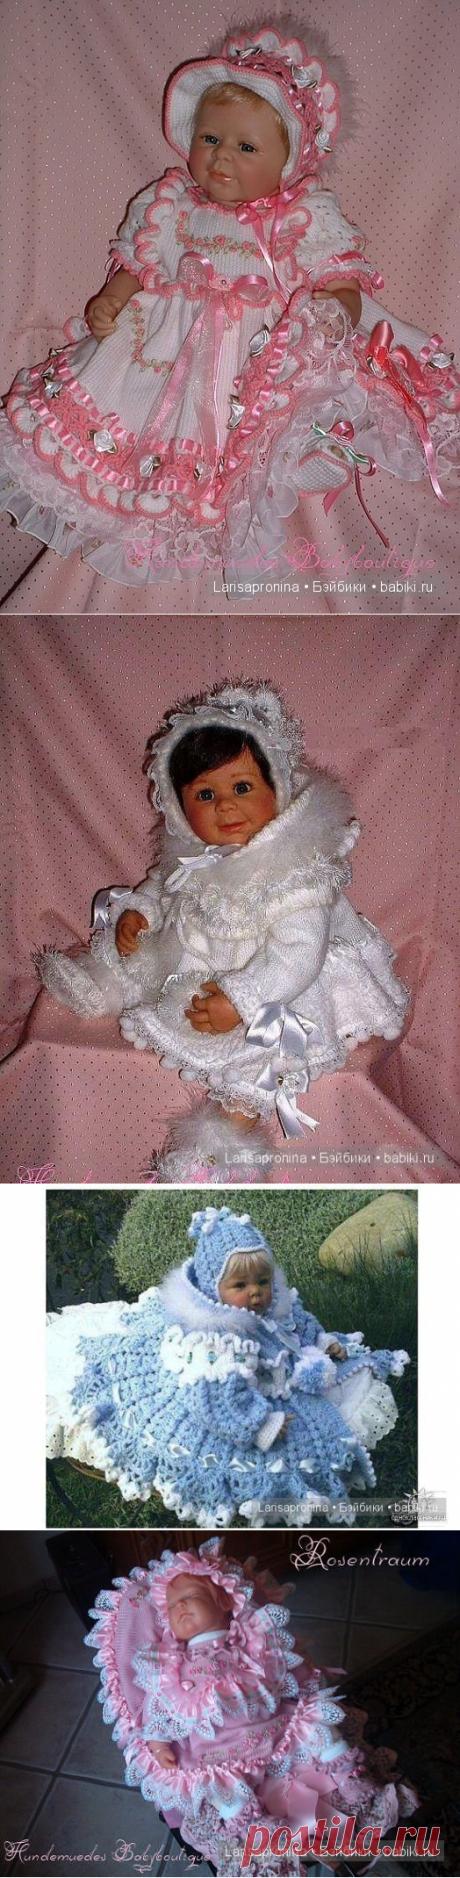 Красивая вязаная одежда для реборняток. / Одежда и обувь для кукол своими руками / Бэйбики. Куклы фото. Одежда для кукол